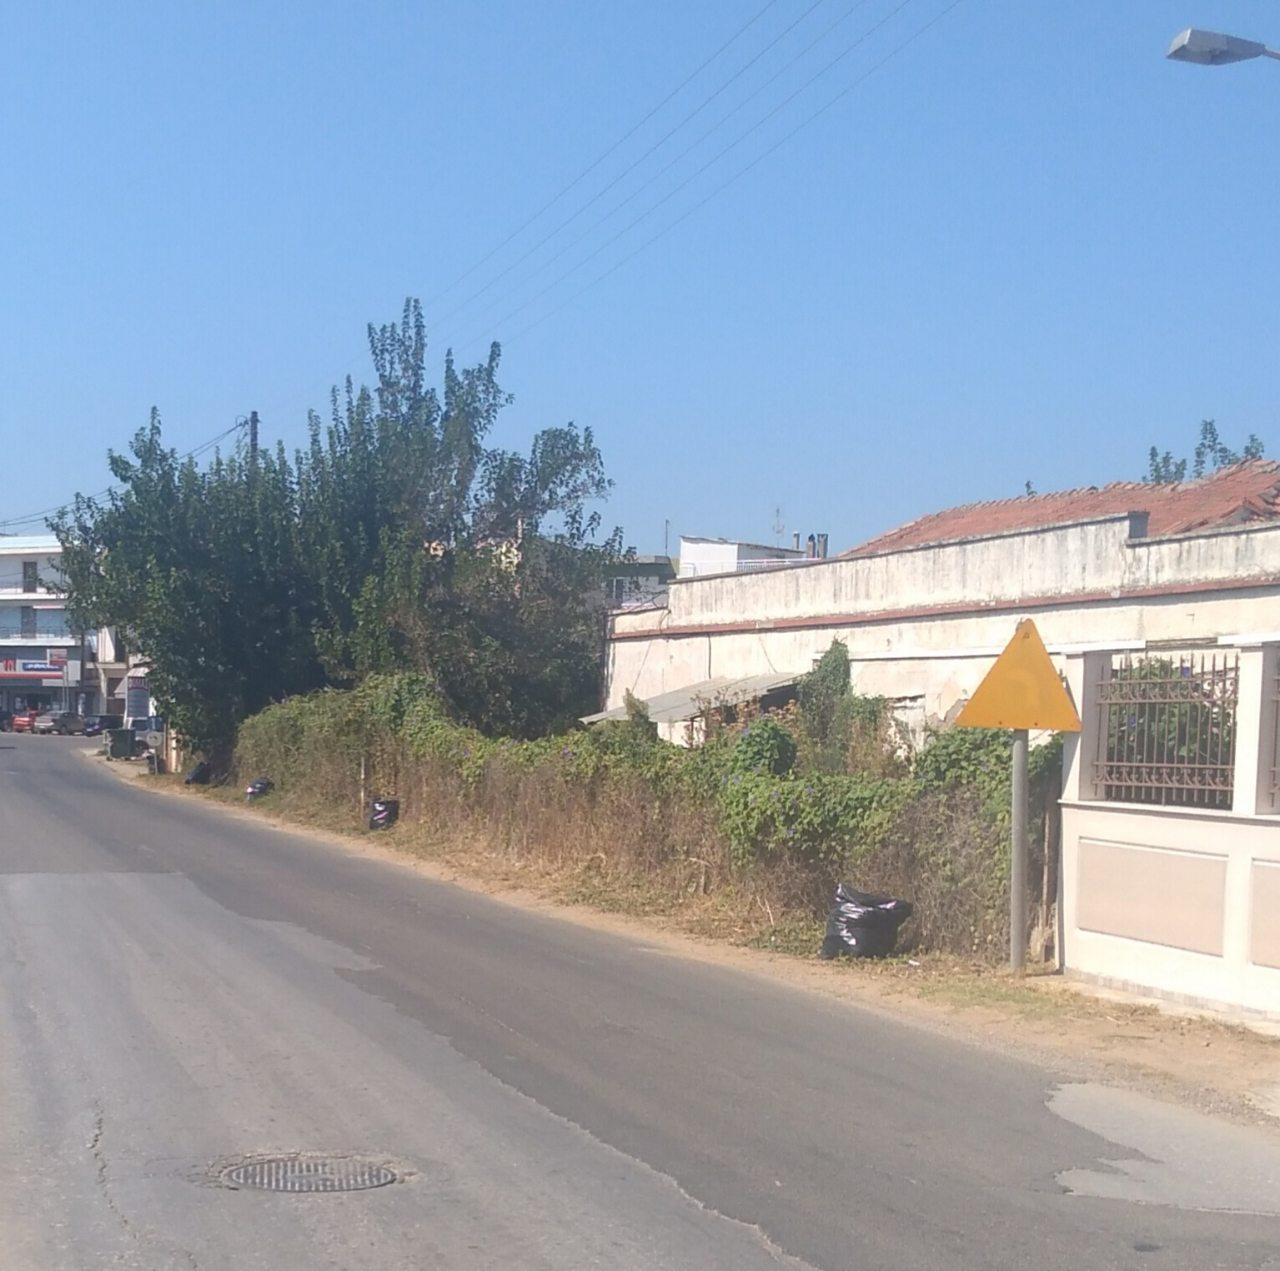 Δήμος Ανδραβίδας-Κυλλήνης: Σε «μαραθώνιο δράσης» οι Αντιδήμαρχοι με έργα ανάπλασης και αποκατάστασης σε όλες τις περιοχές του Δήμου (photos)